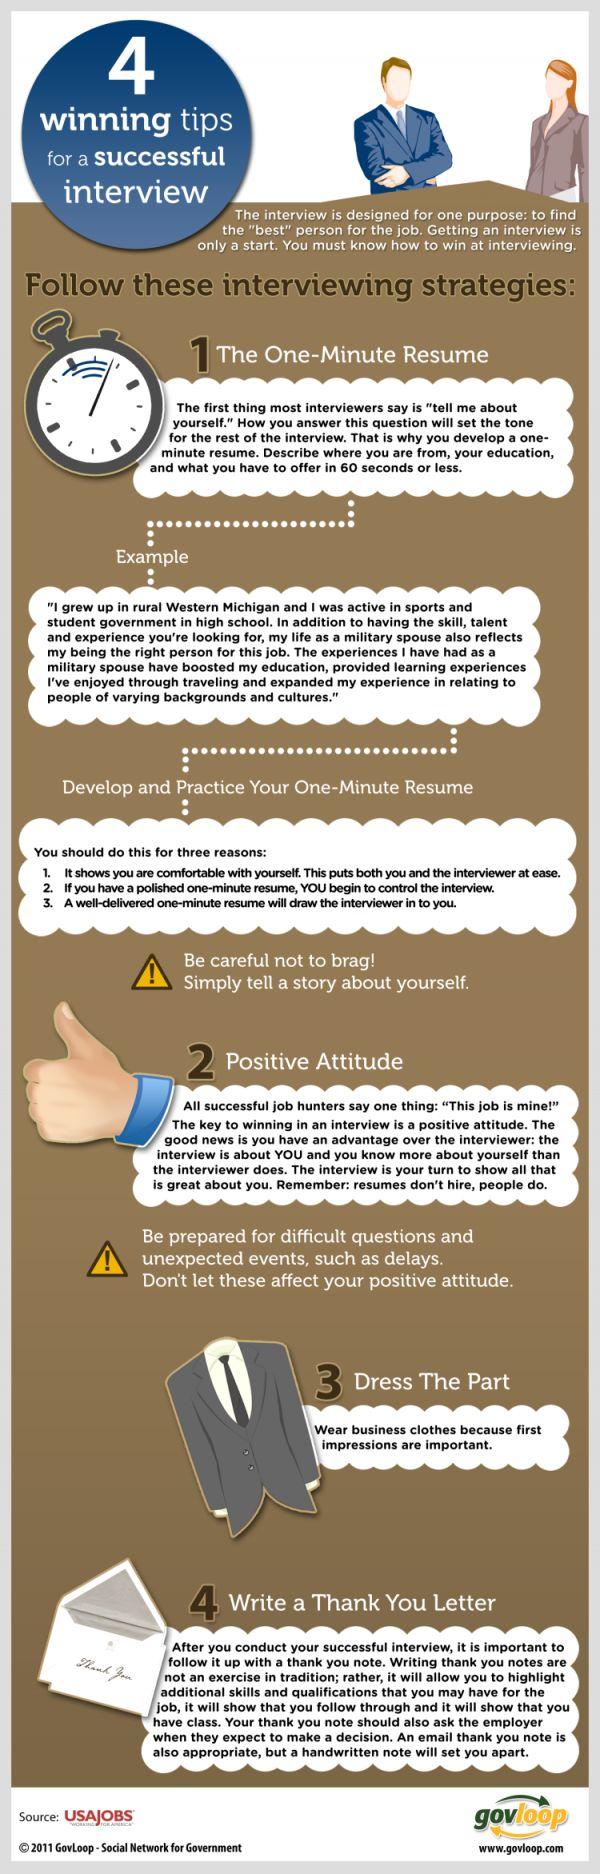 Tips para una entrevista de éxito